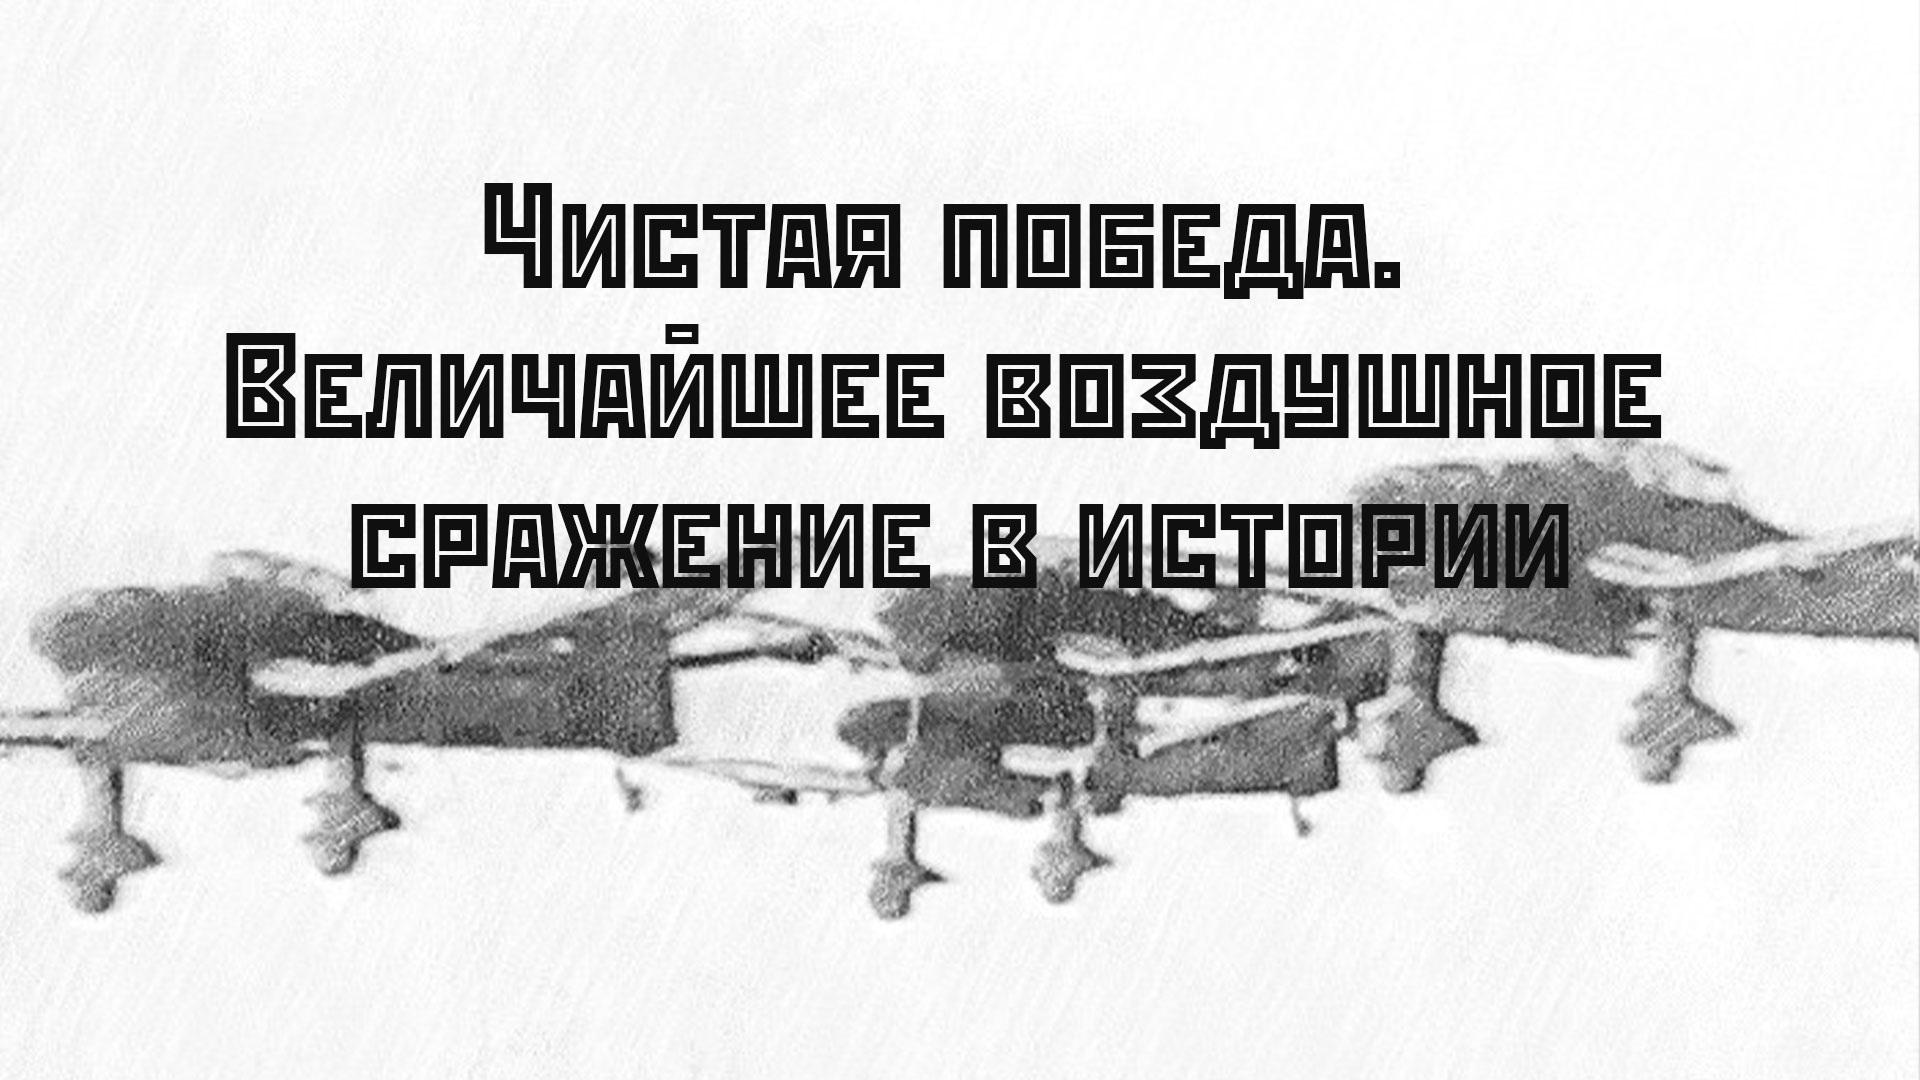 Чистая победа. Величайшее воздушное сражение в истории